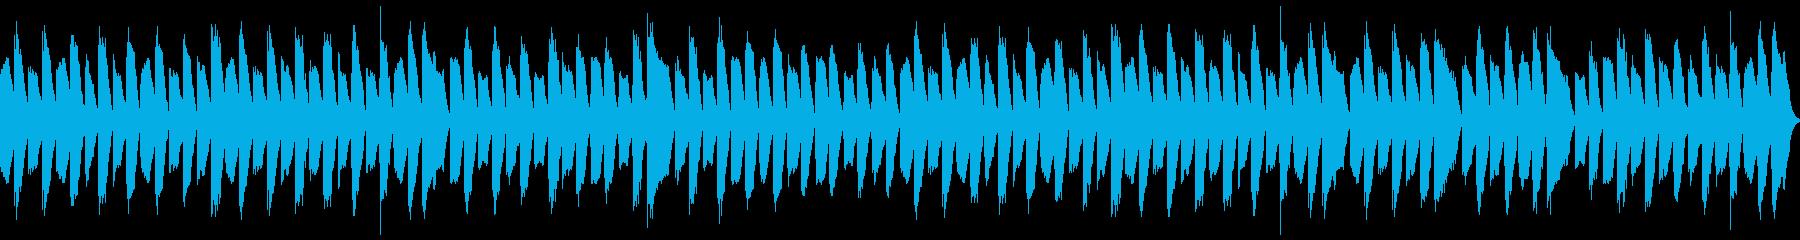 【便利】 ピアノA ラグタイム 【定番】の再生済みの波形